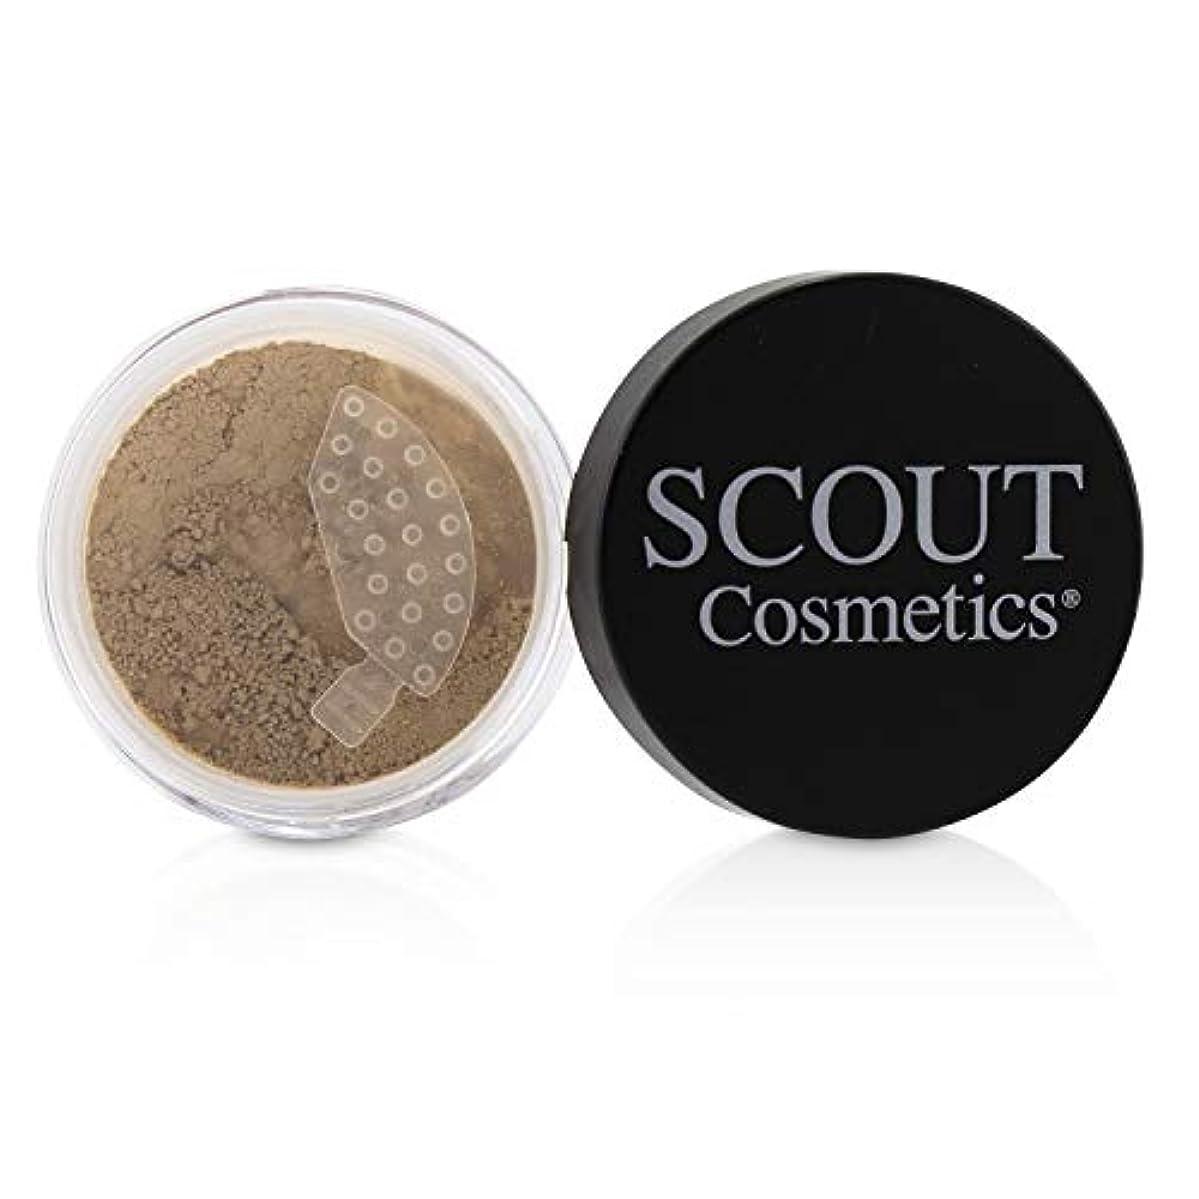 ボイドおなかがすいた花婿SCOUT Cosmetics Mineral Powder Foundation SPF 20 - # Shell 8g/0.28oz並行輸入品